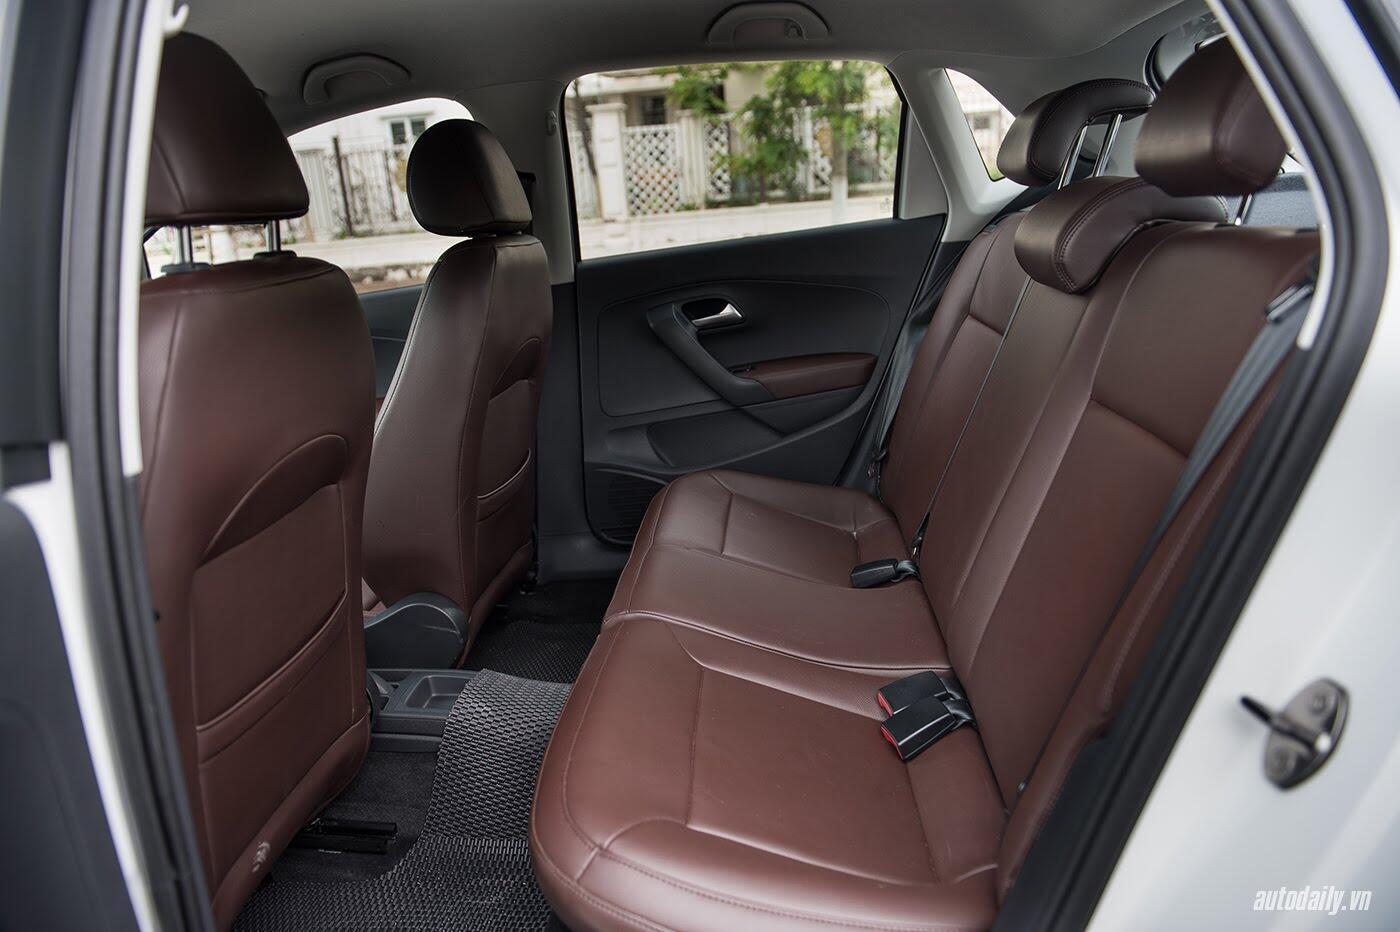 Đánh giá Volkswagen Polo hatchback 2016: Xe cho người thực dụng - Hình 8